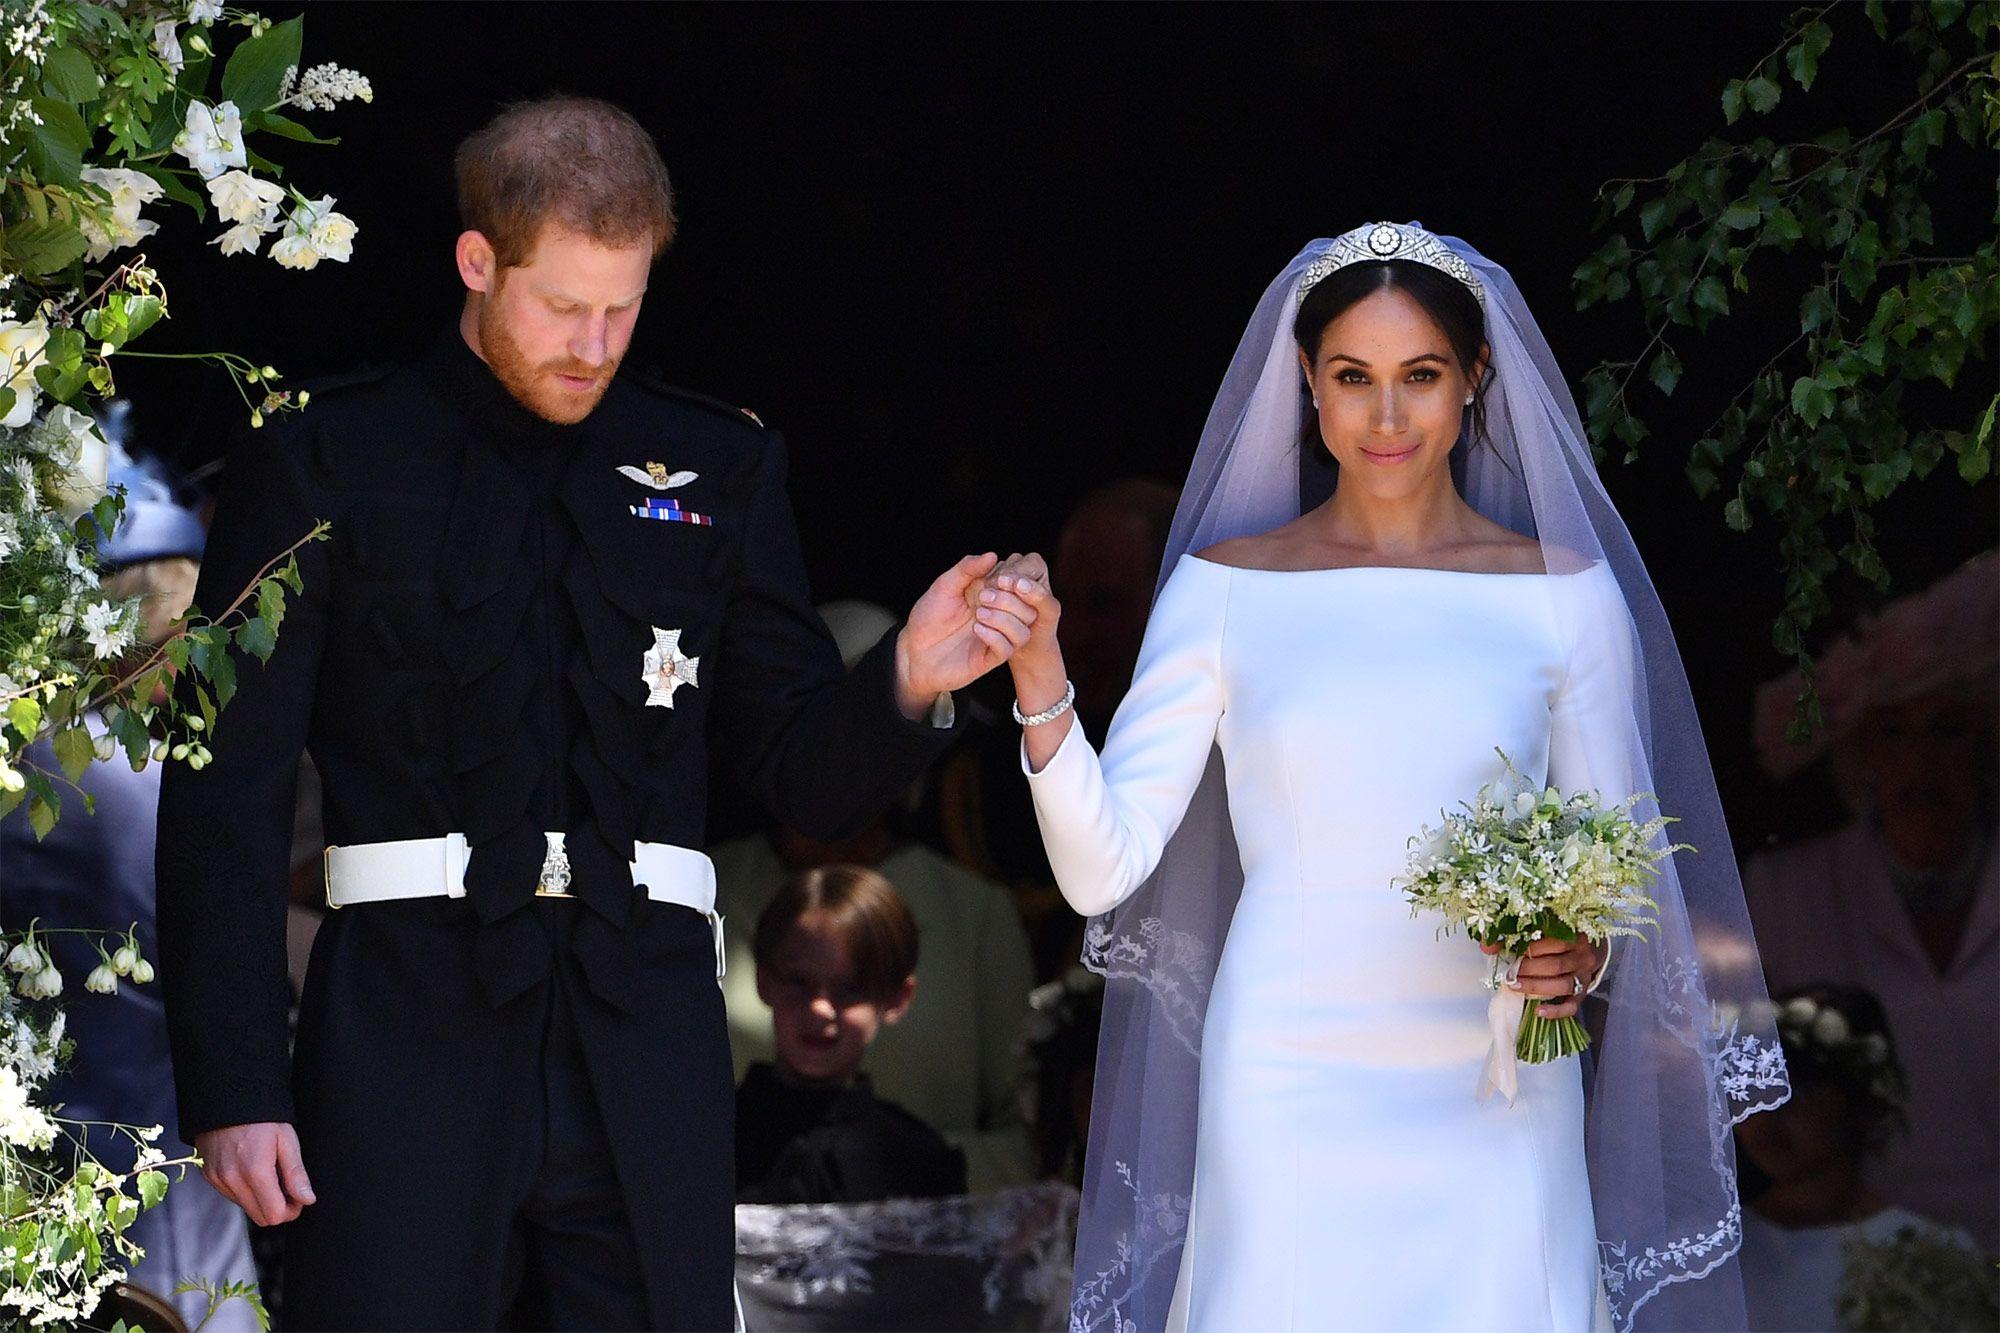 d7c095fdb Así fue el vestido de novia que Meghan Markle llevó en su primera boda - En  la primera boda de Meghan Markle el vestido era muy diferente al de la  segunda